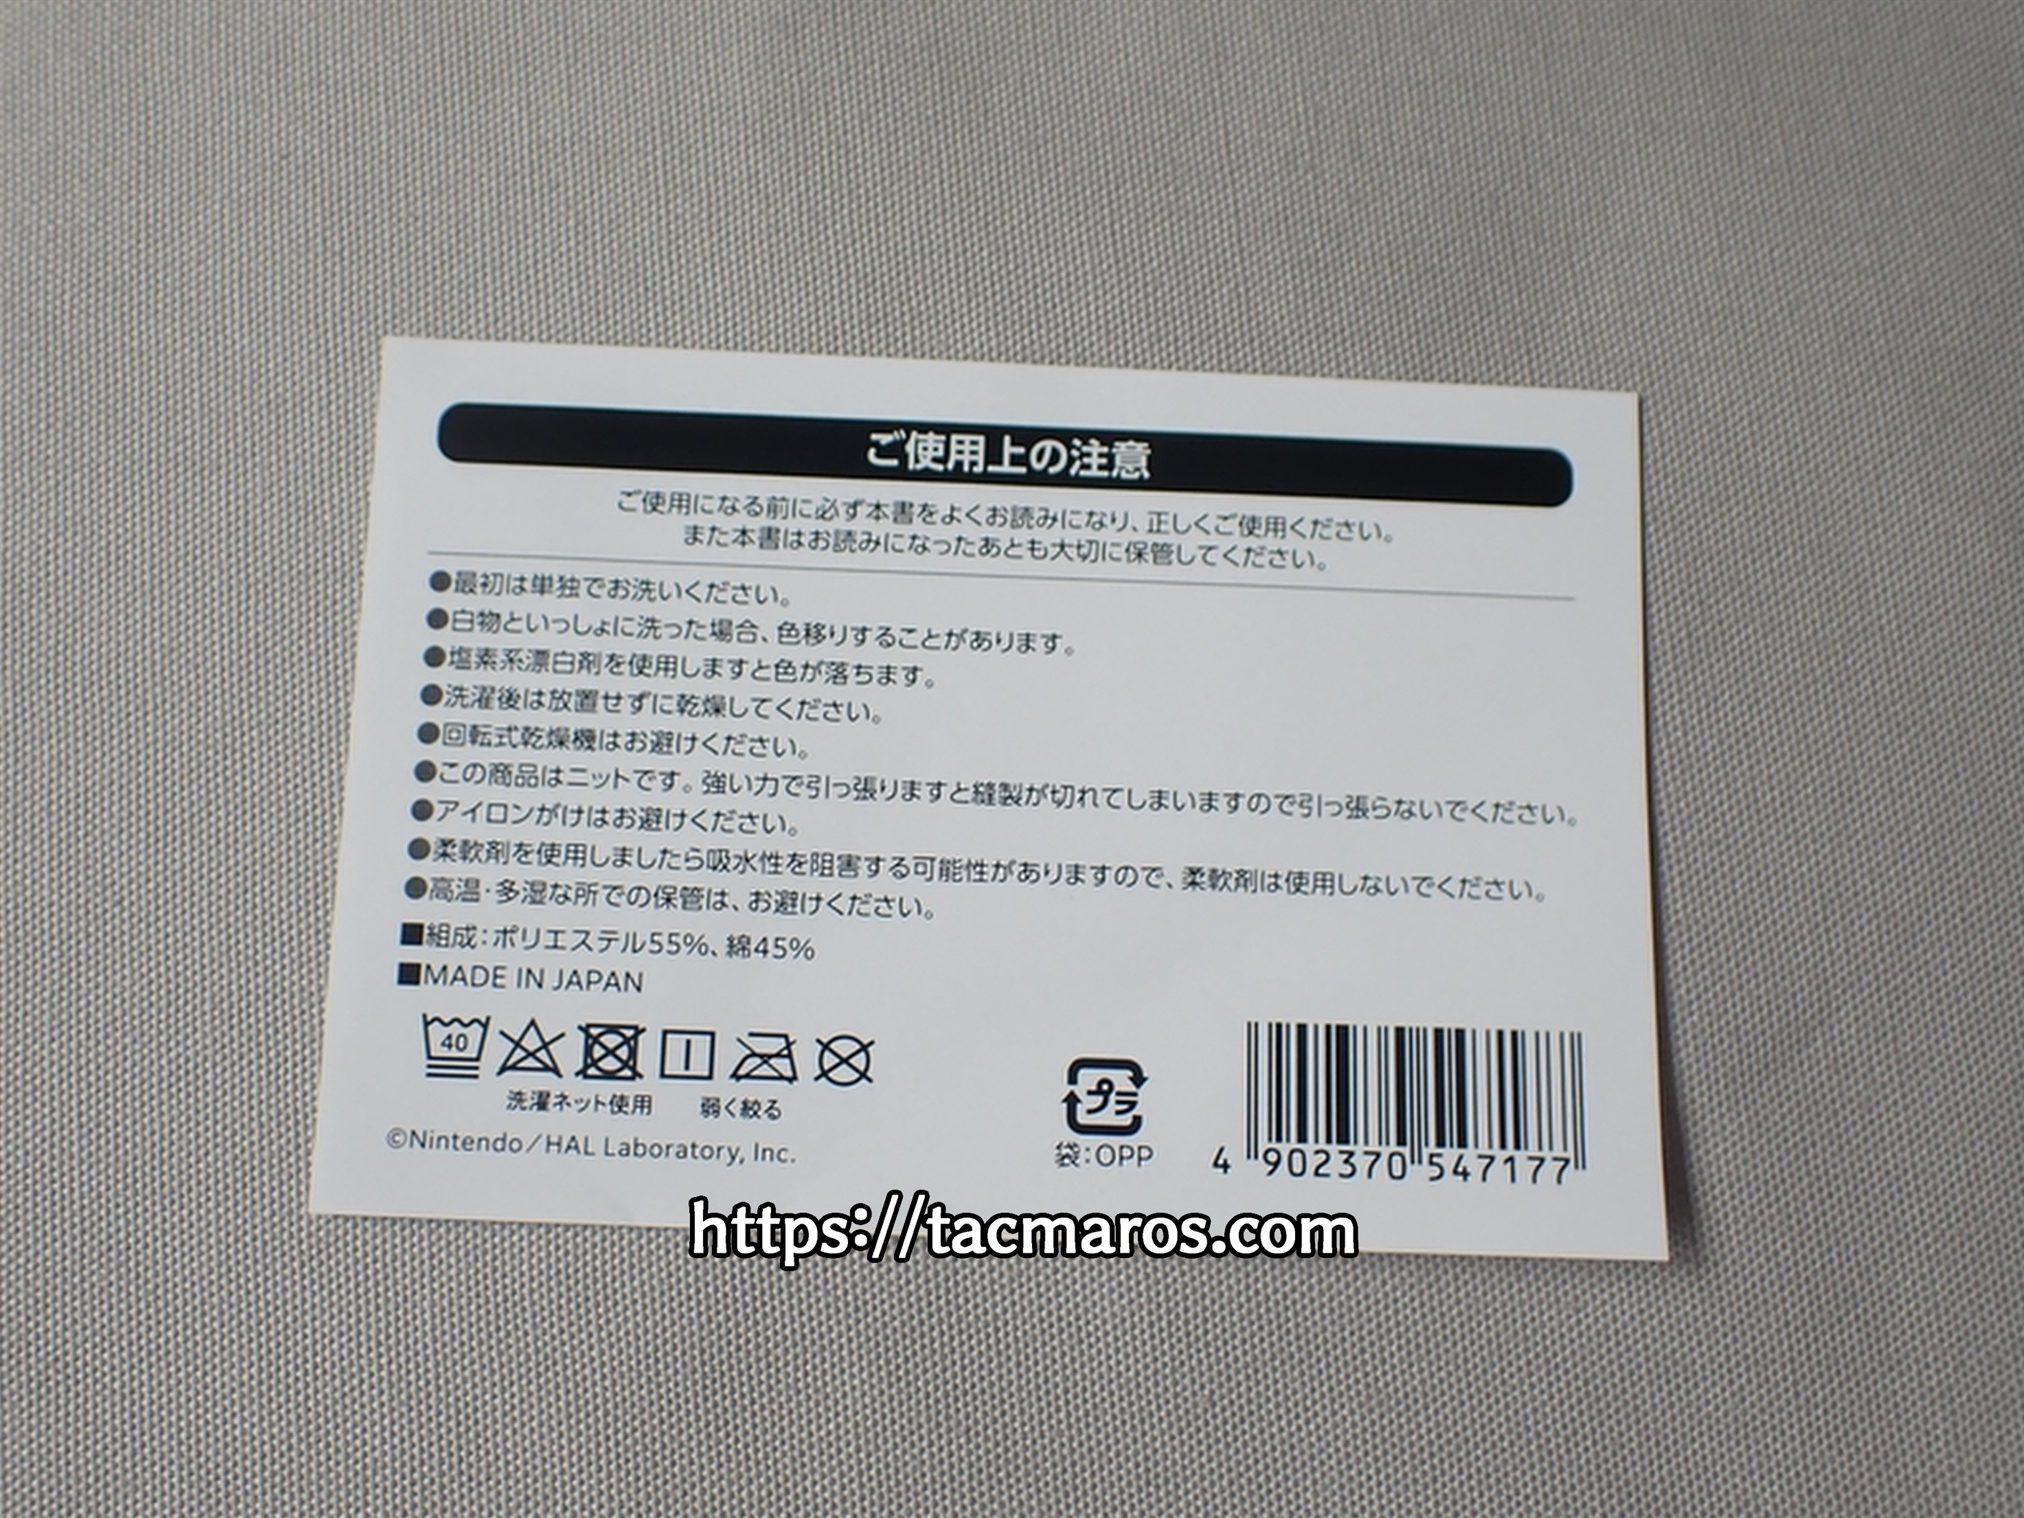 マイニンテンドー MyNintendo プラチナポイント交換グッズ カービィファイターズ2 ミニタオルハンカチ(2種) 日本製で素材はポリエステル55%、綿45%